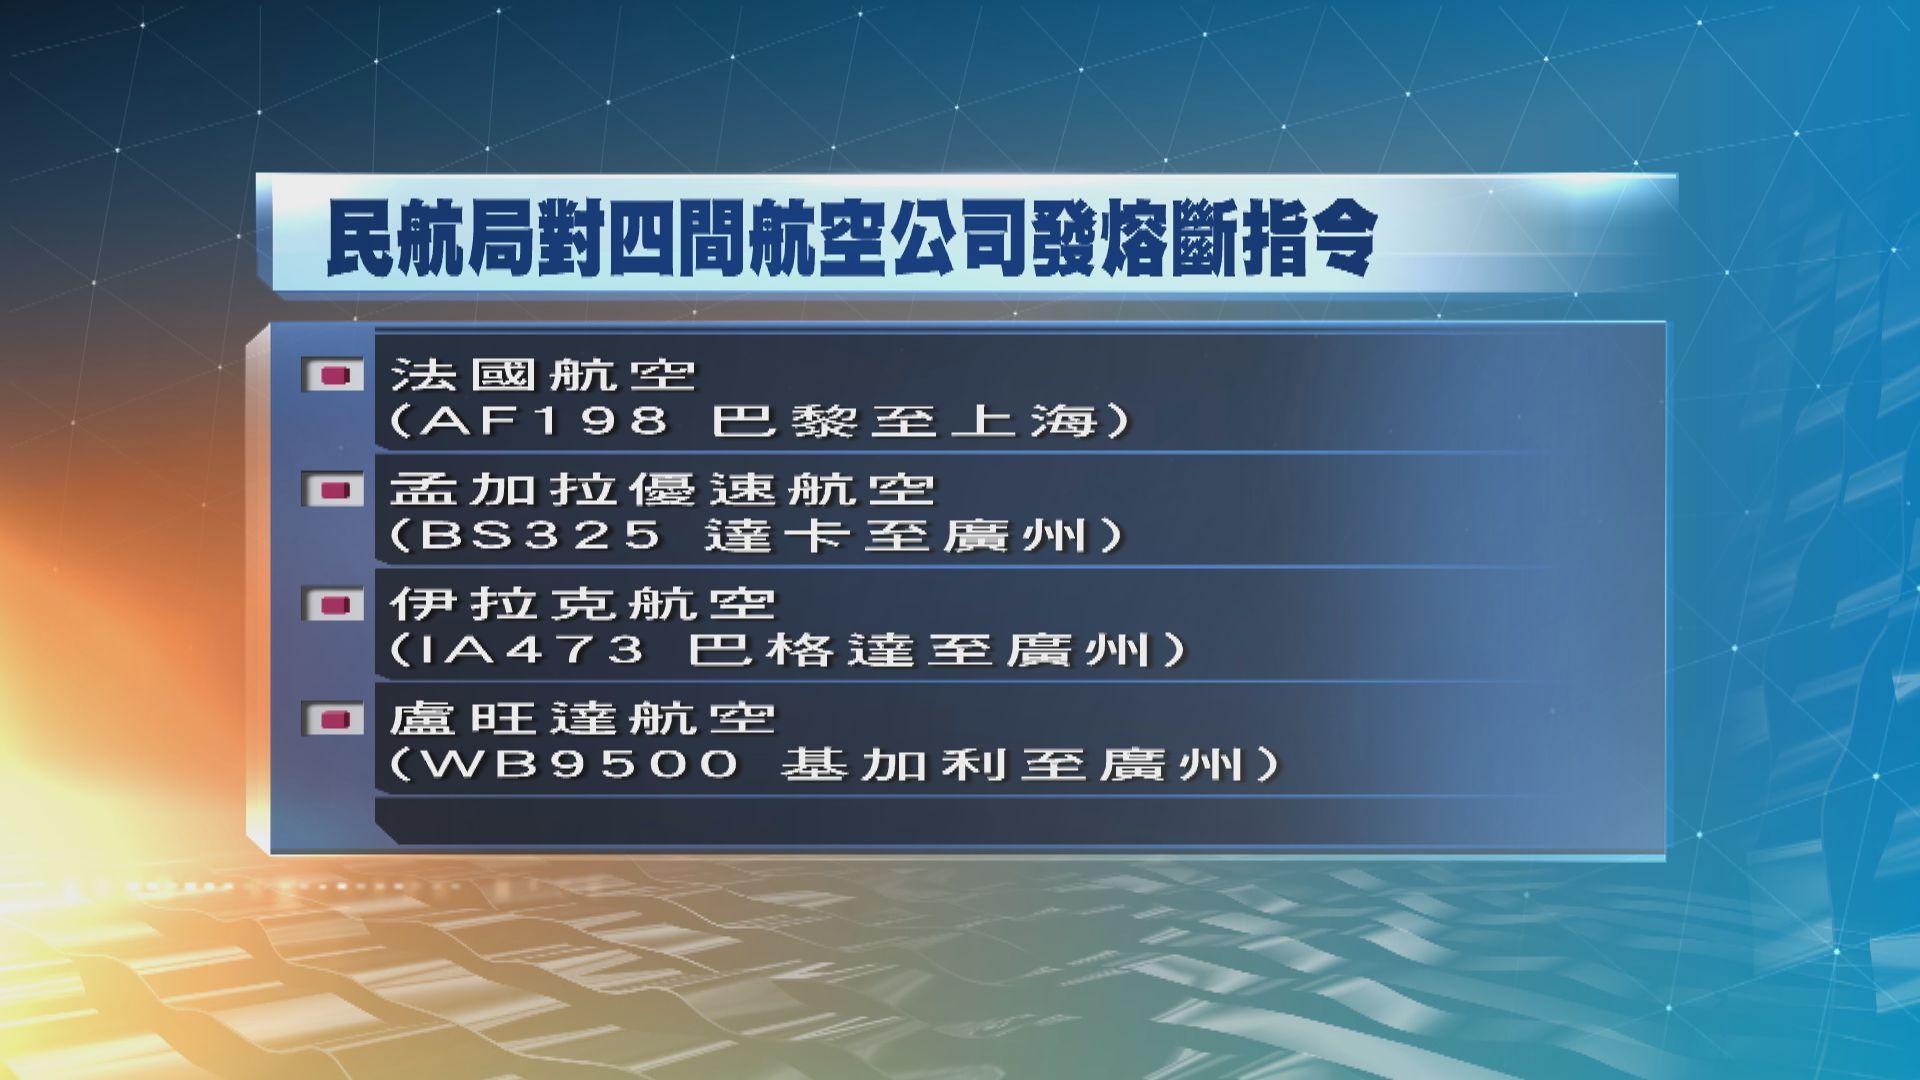 中國民航局對四間航空公司發出熔斷指令